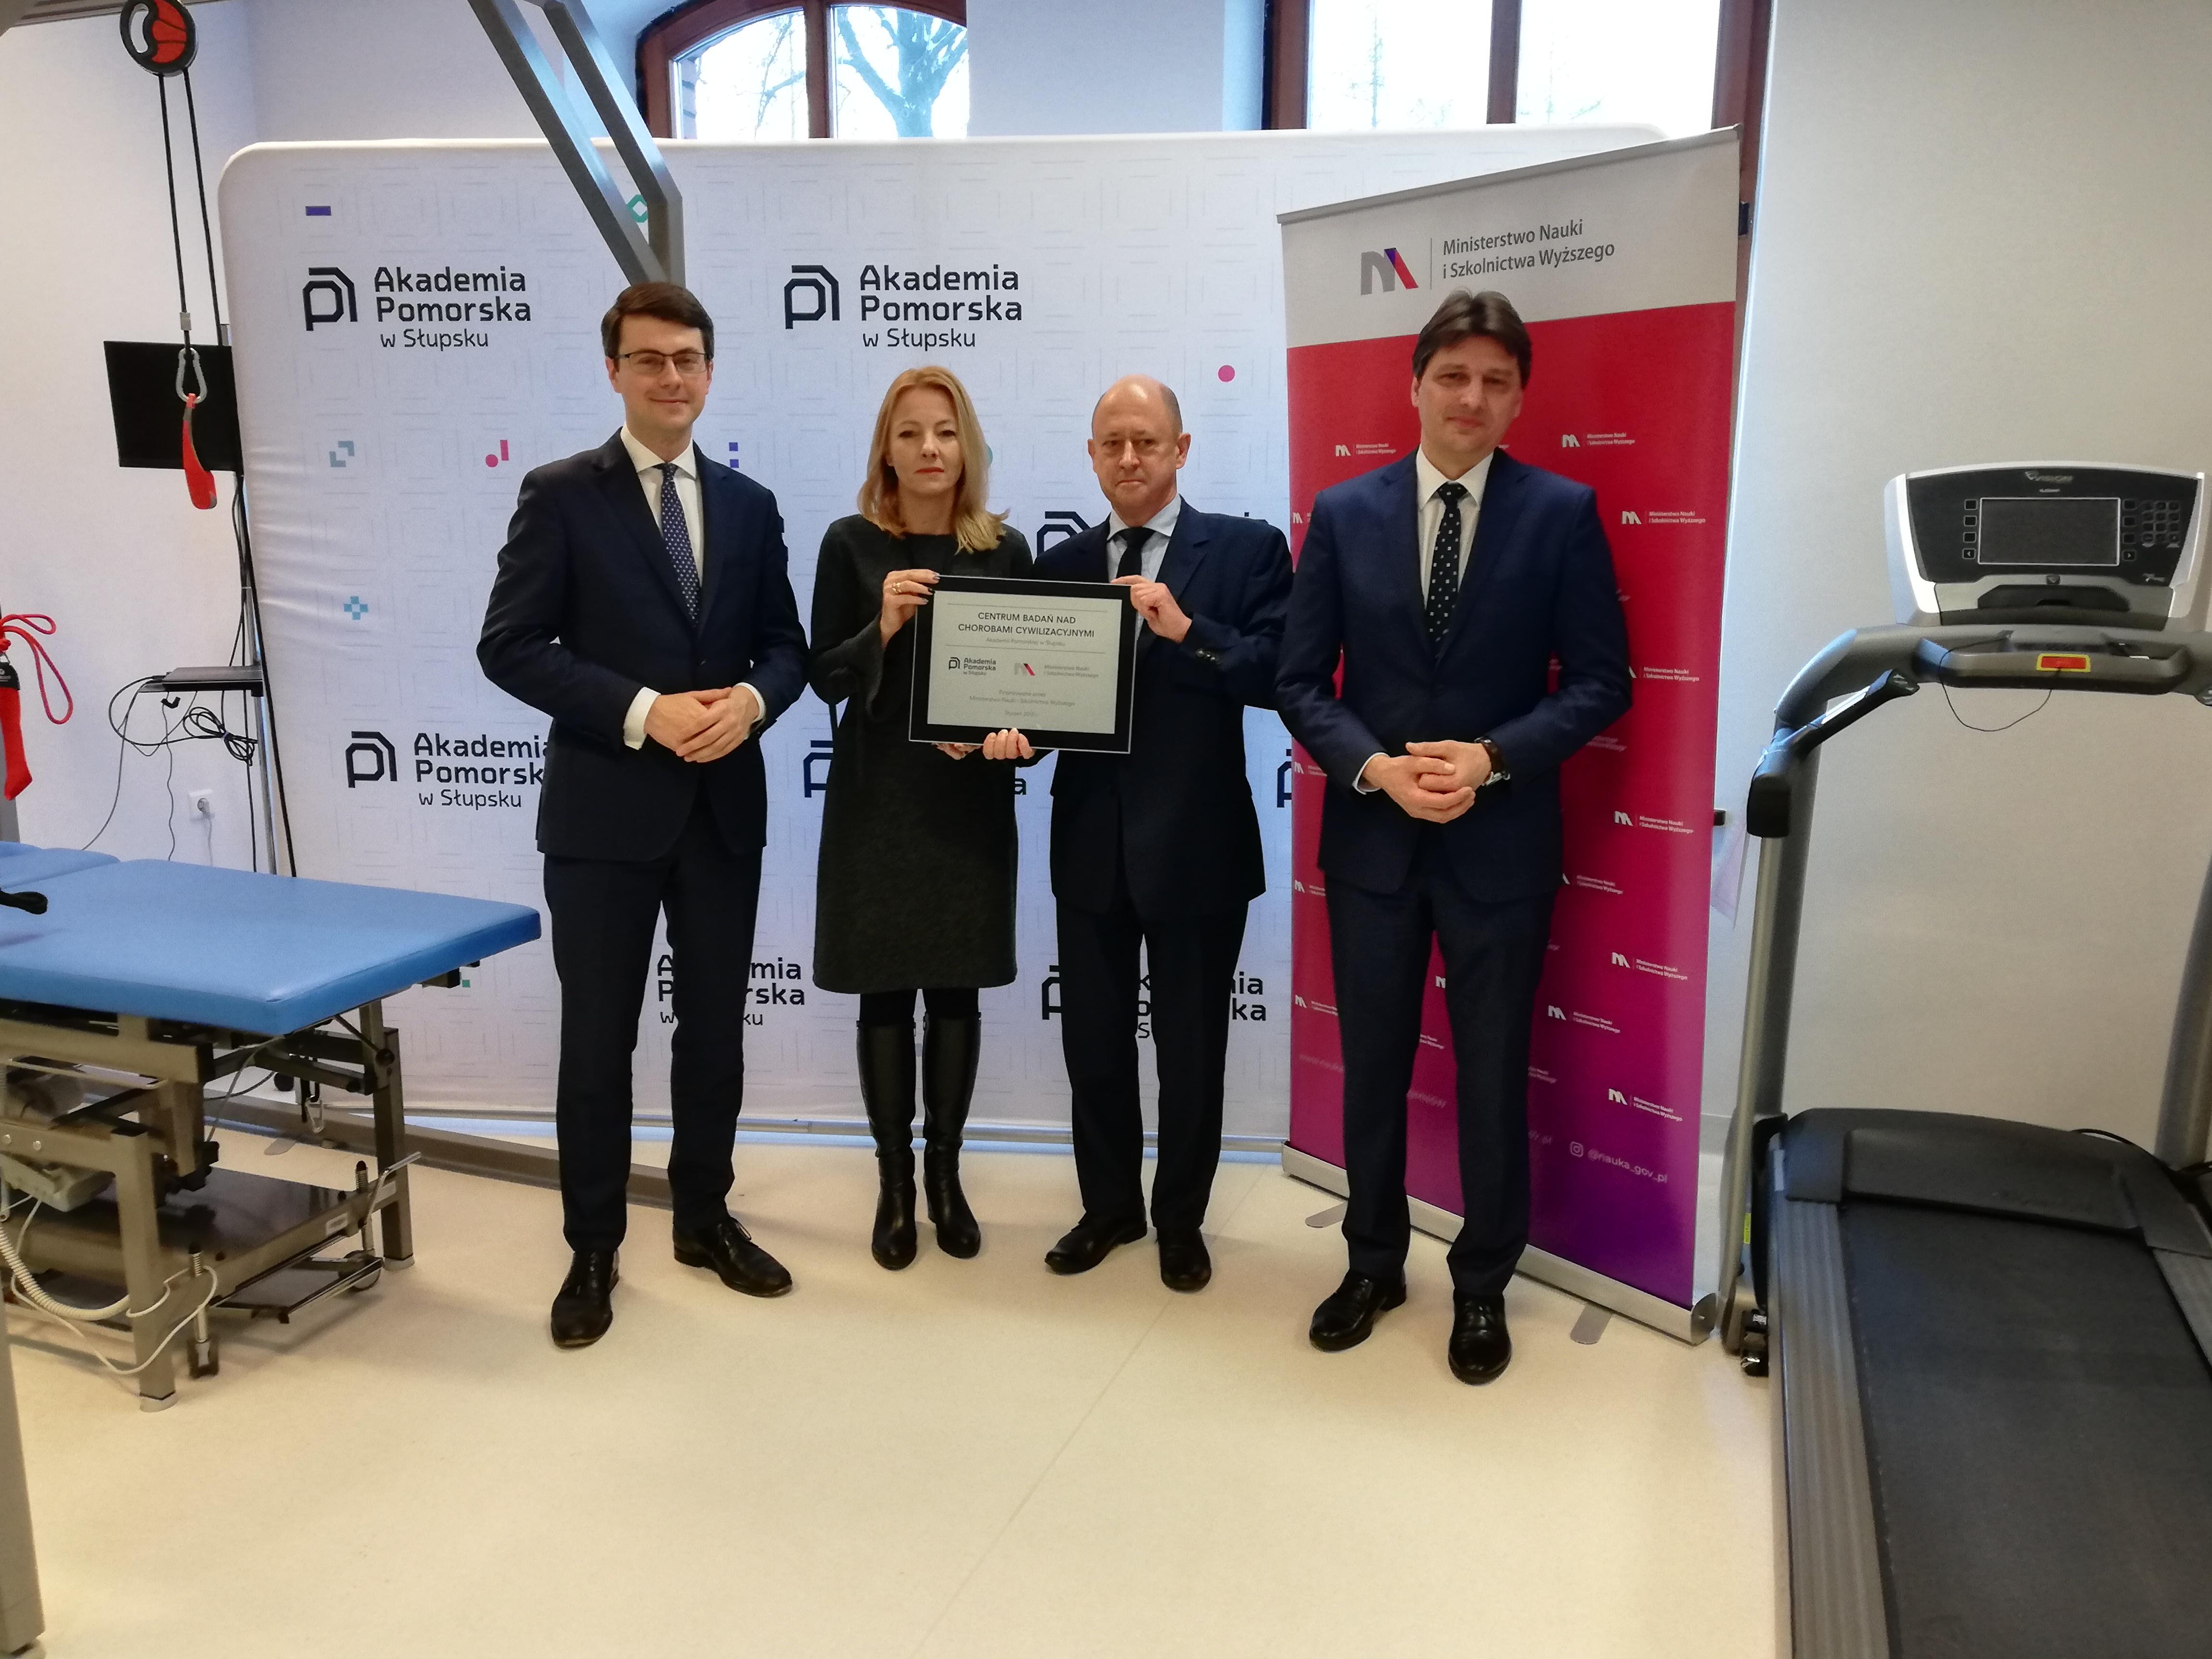 MNiSW przekaże 1,7 mln zł na utworzenie Centrum Badań nad Chorobami Cywilizacyjnymi na Akademii Pomorskiej w Słupsku